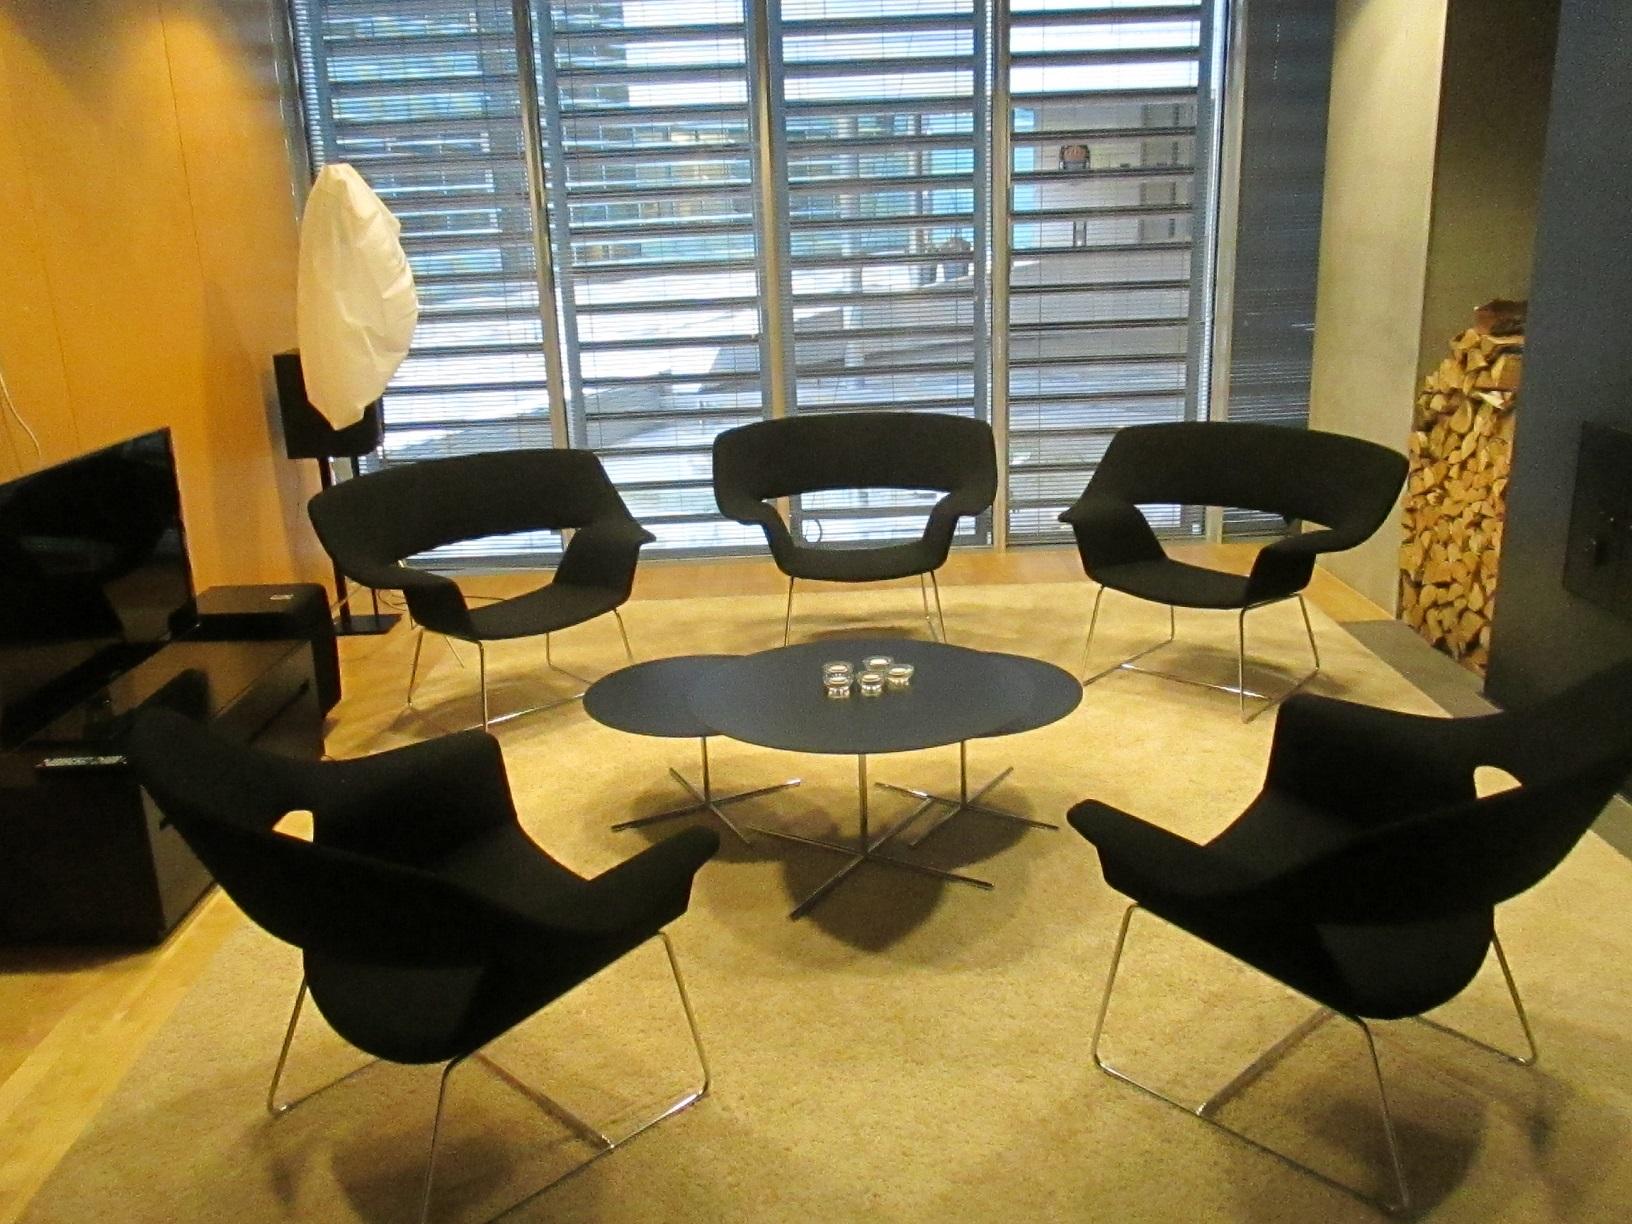 In einem solch gemütlichen Besprechungsraum können doch eigentlich nur besonnene Entscheidungen gefällt werden.